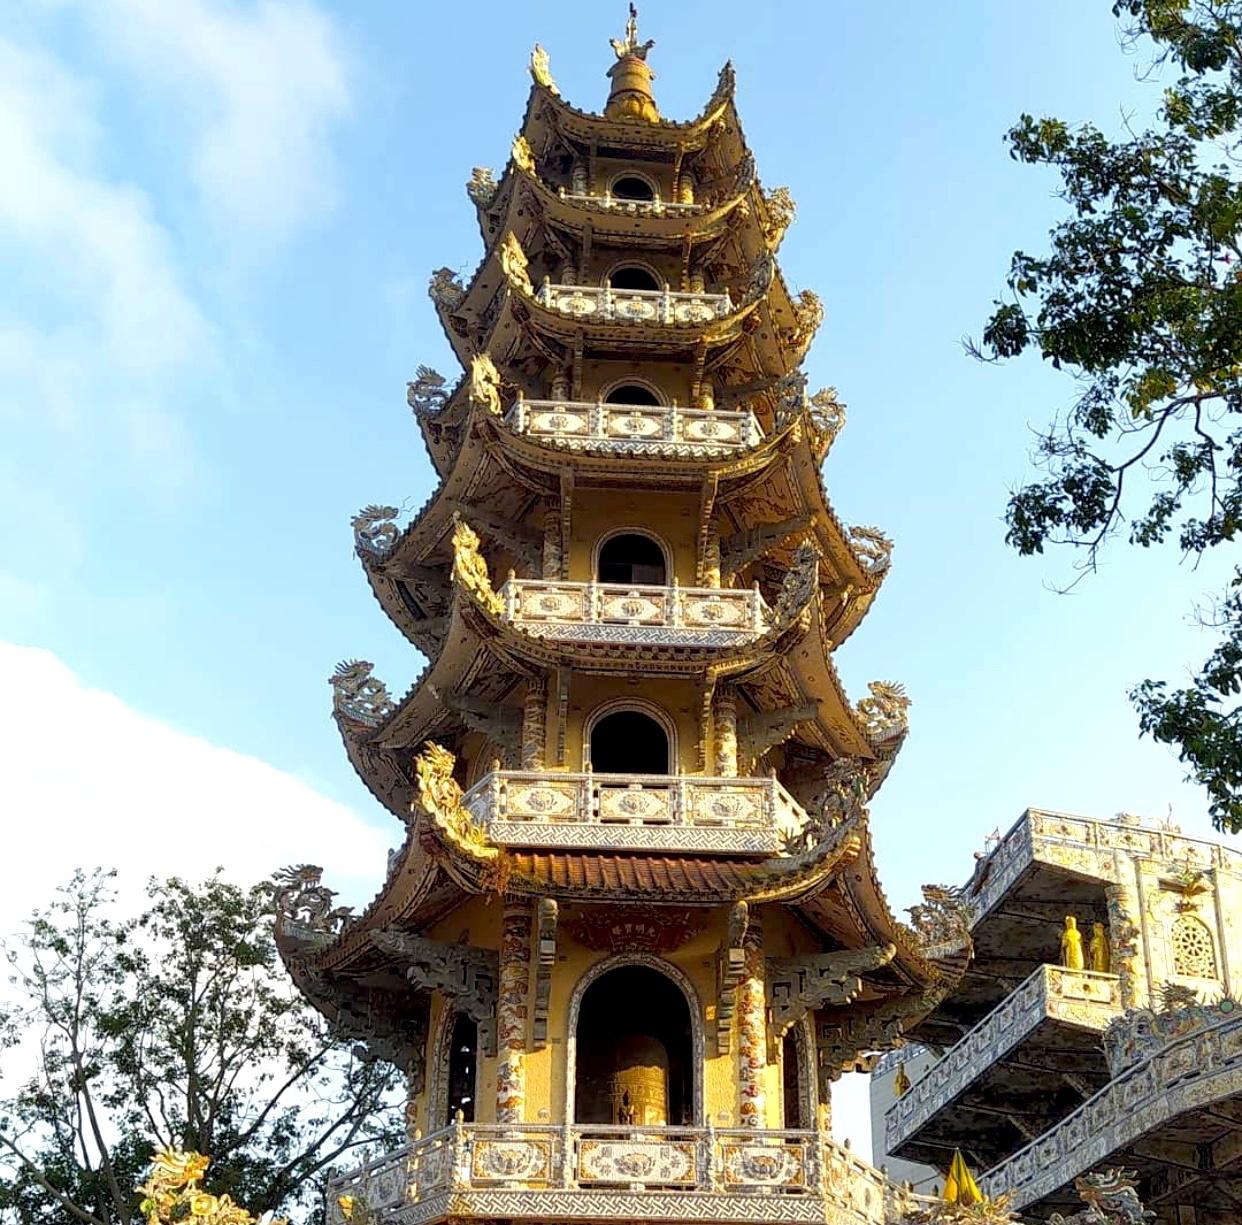 Nhung ngoi chua noi tieng Viet Nam anh 3  - IMG_8368 - Loạt tháp chùa đạt kỷ lục ở Việt Nam